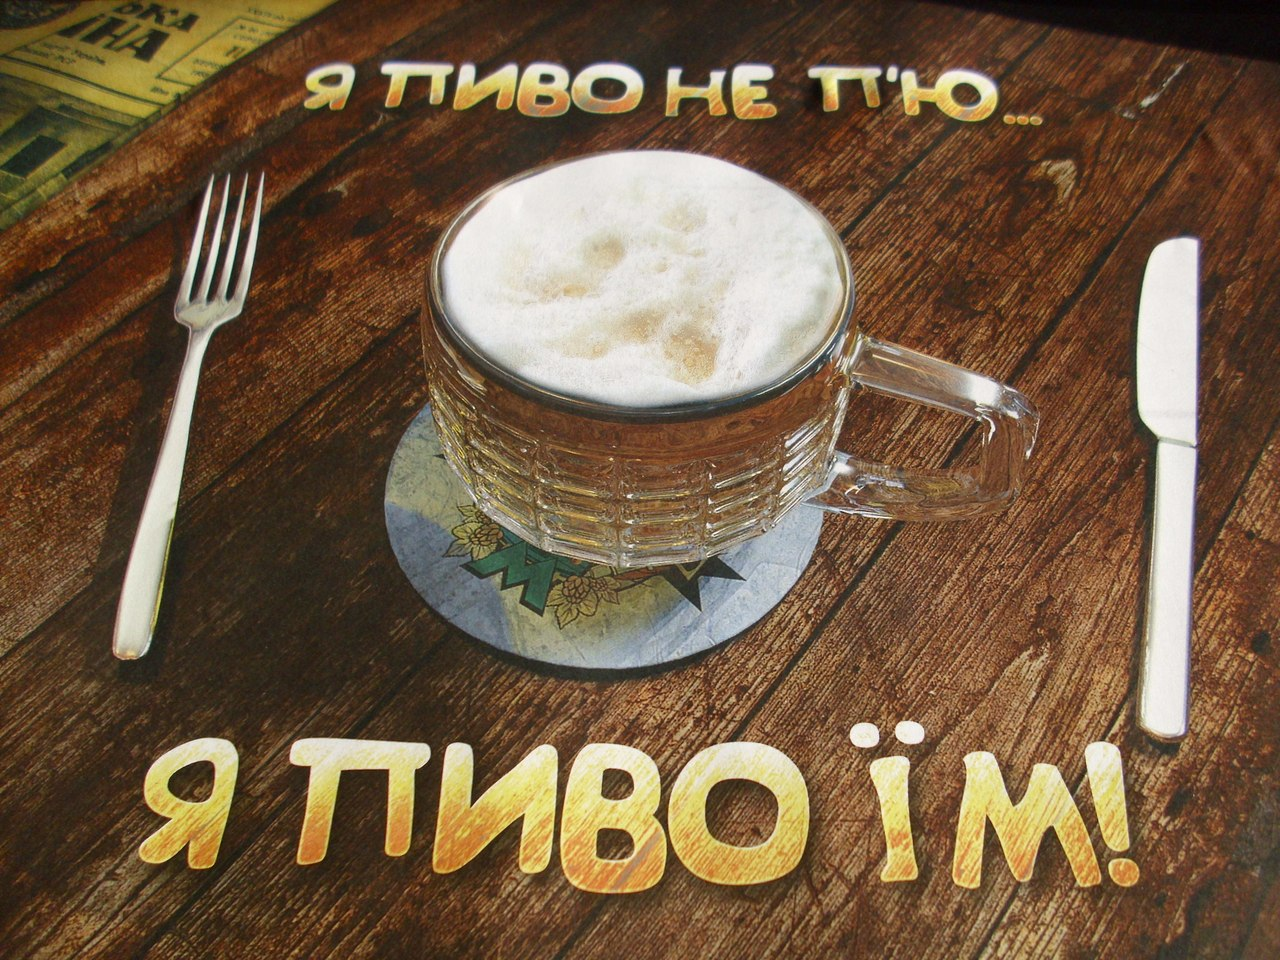 Я пиво не пью, я пиво ем